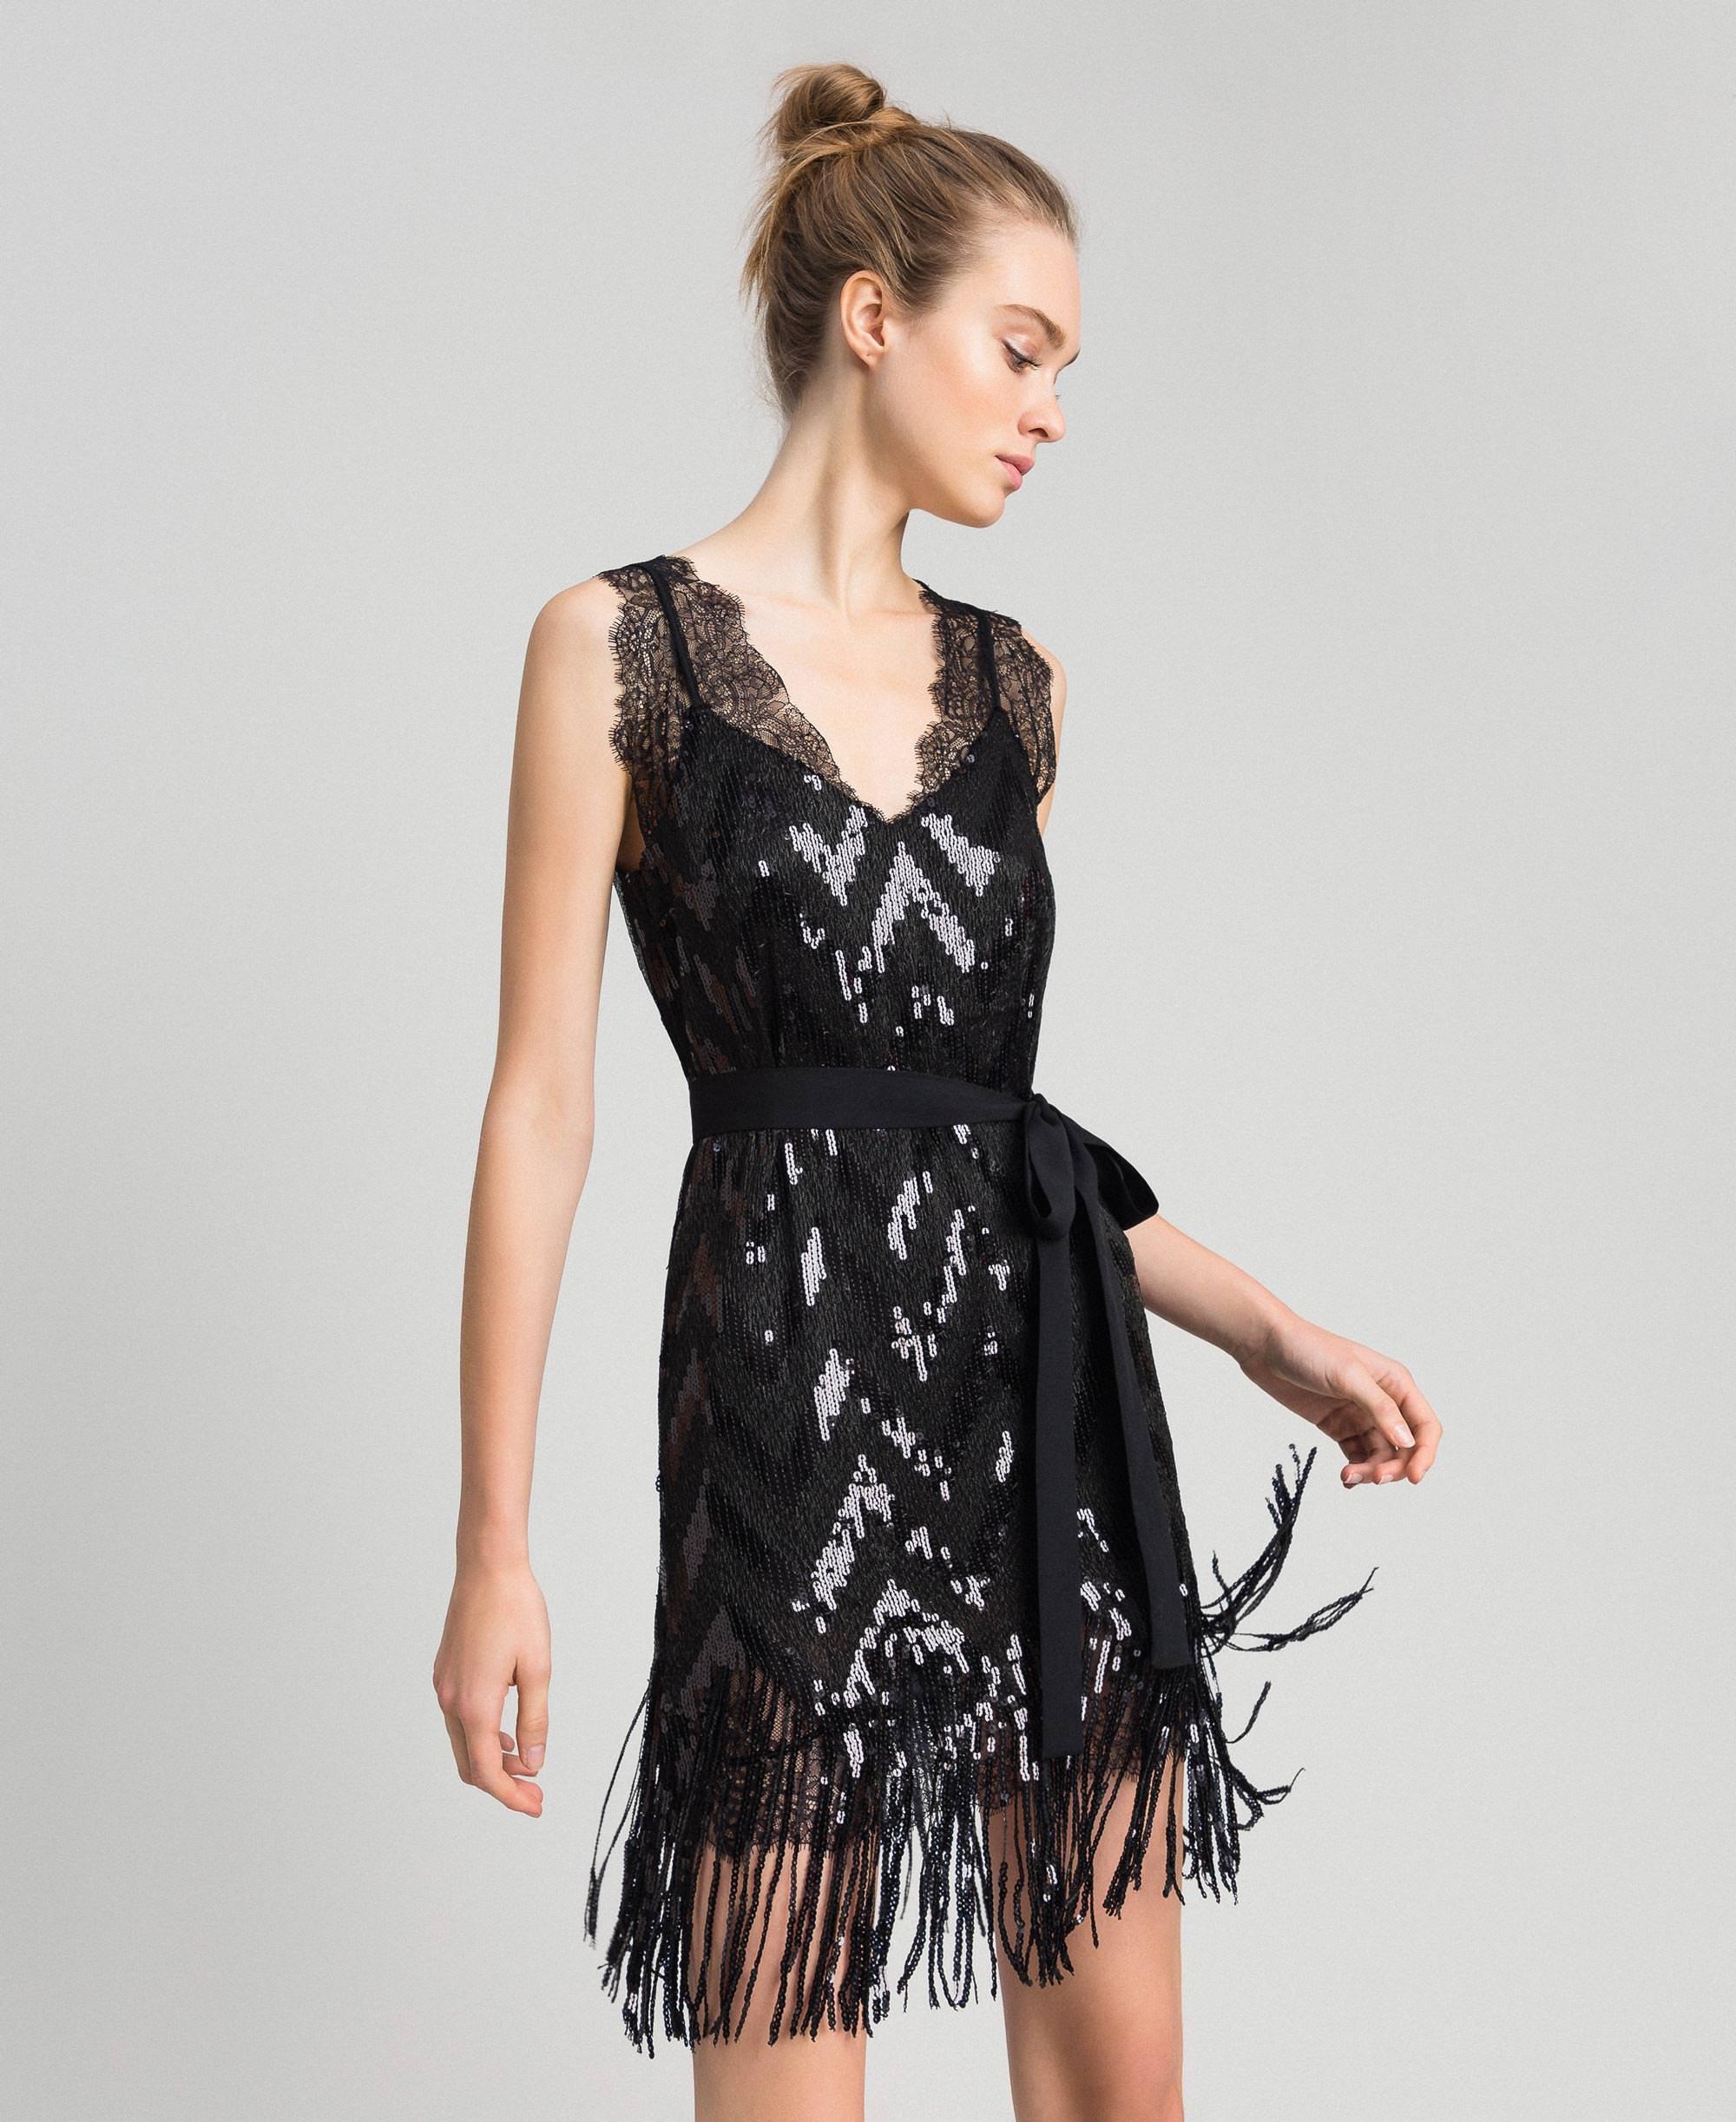 Allover-Pailletten-Kleid mit Fransen Frau, Schwarz  TWINSET Milano